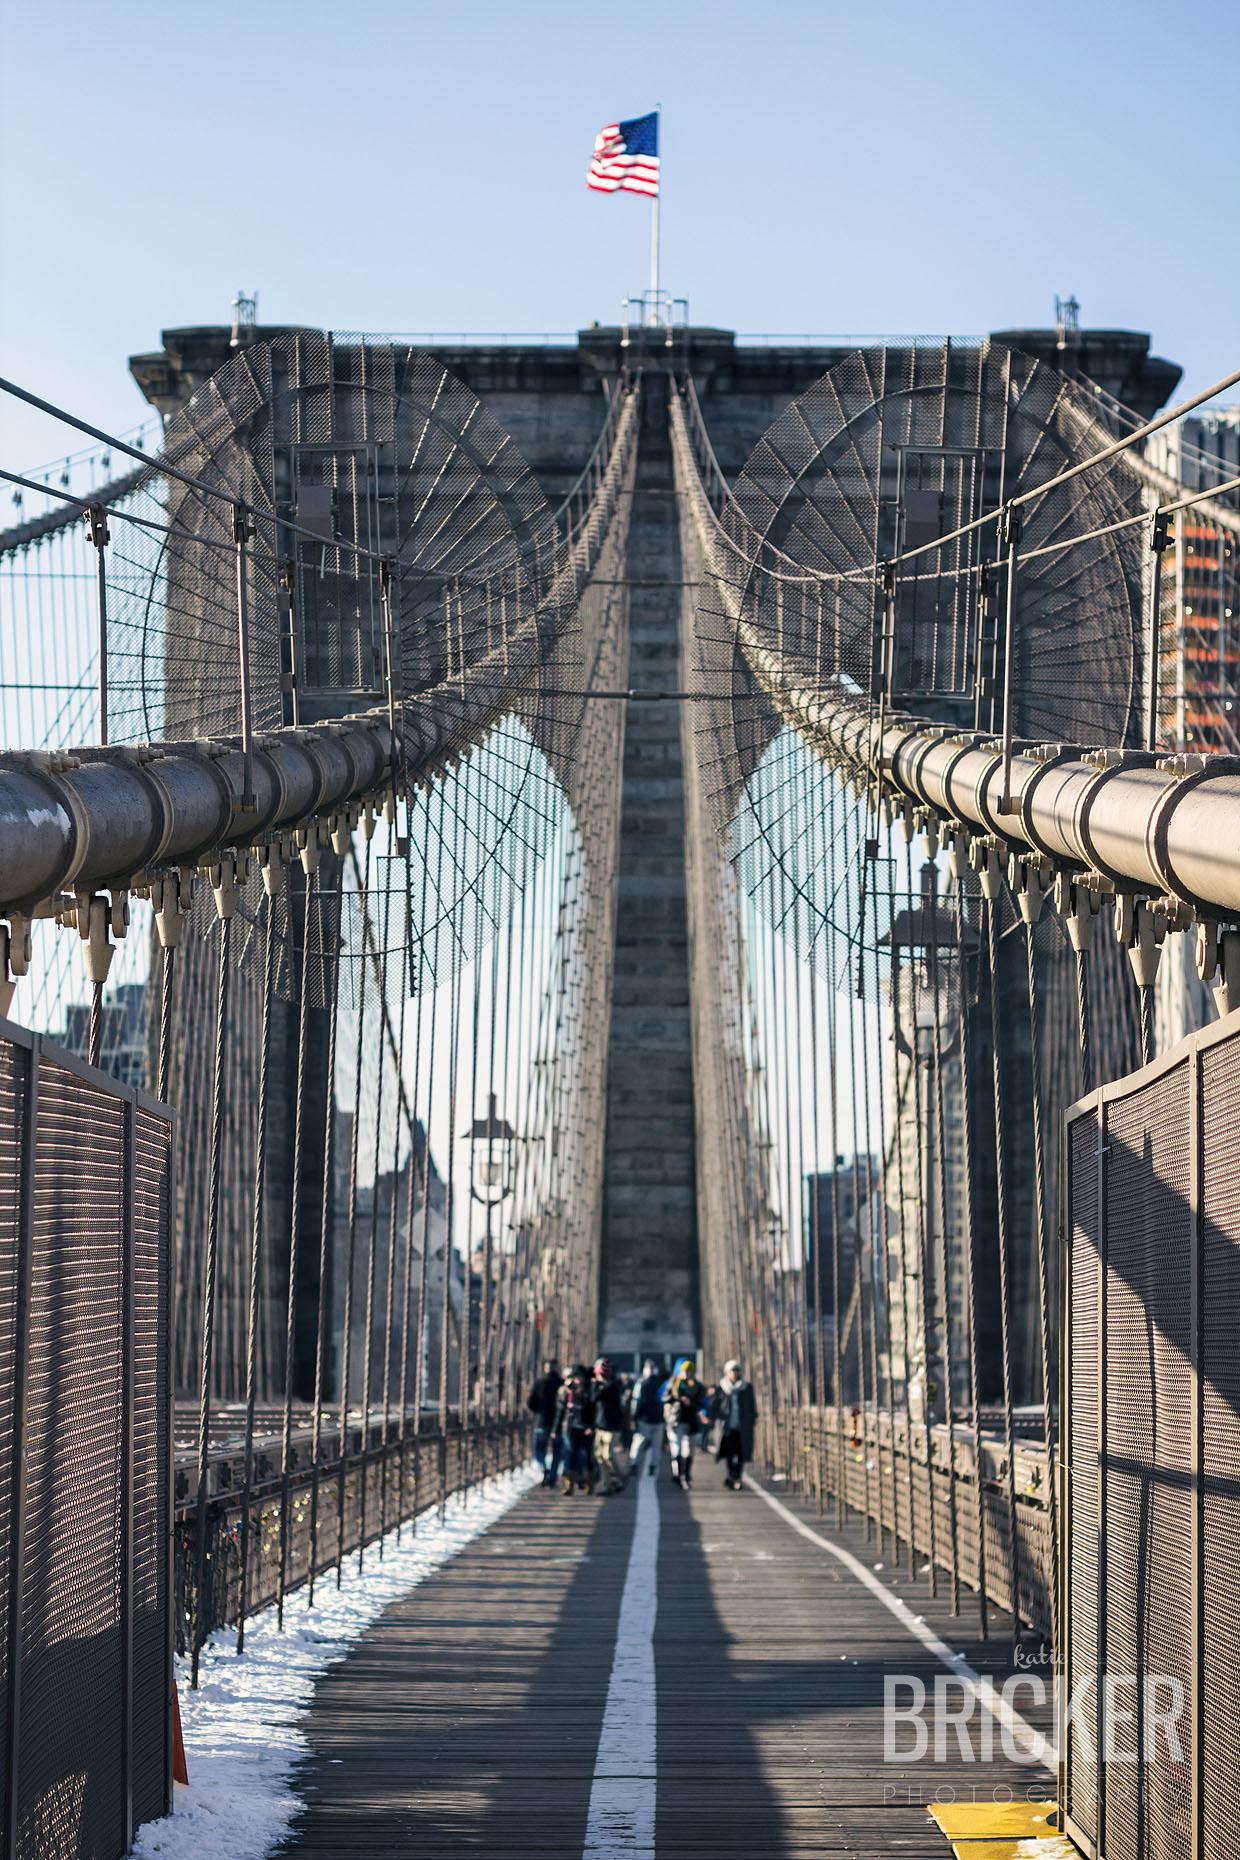 BrooklynBridge_05.jpg